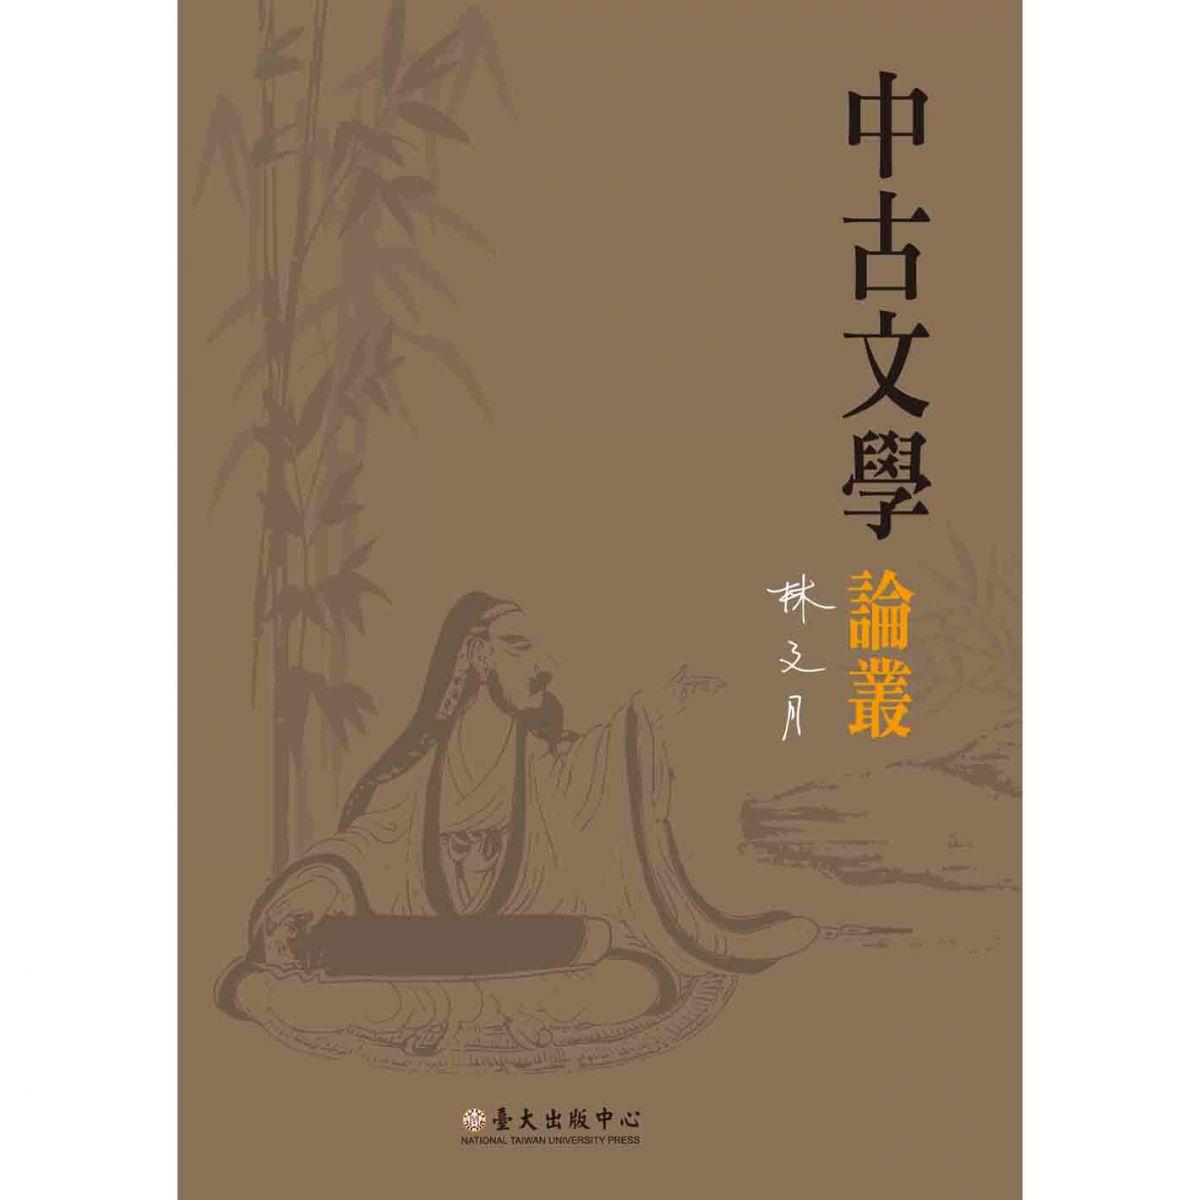 《中古文學論叢》聚焦中國古今論述,供今日學者作為治學新方向之參考